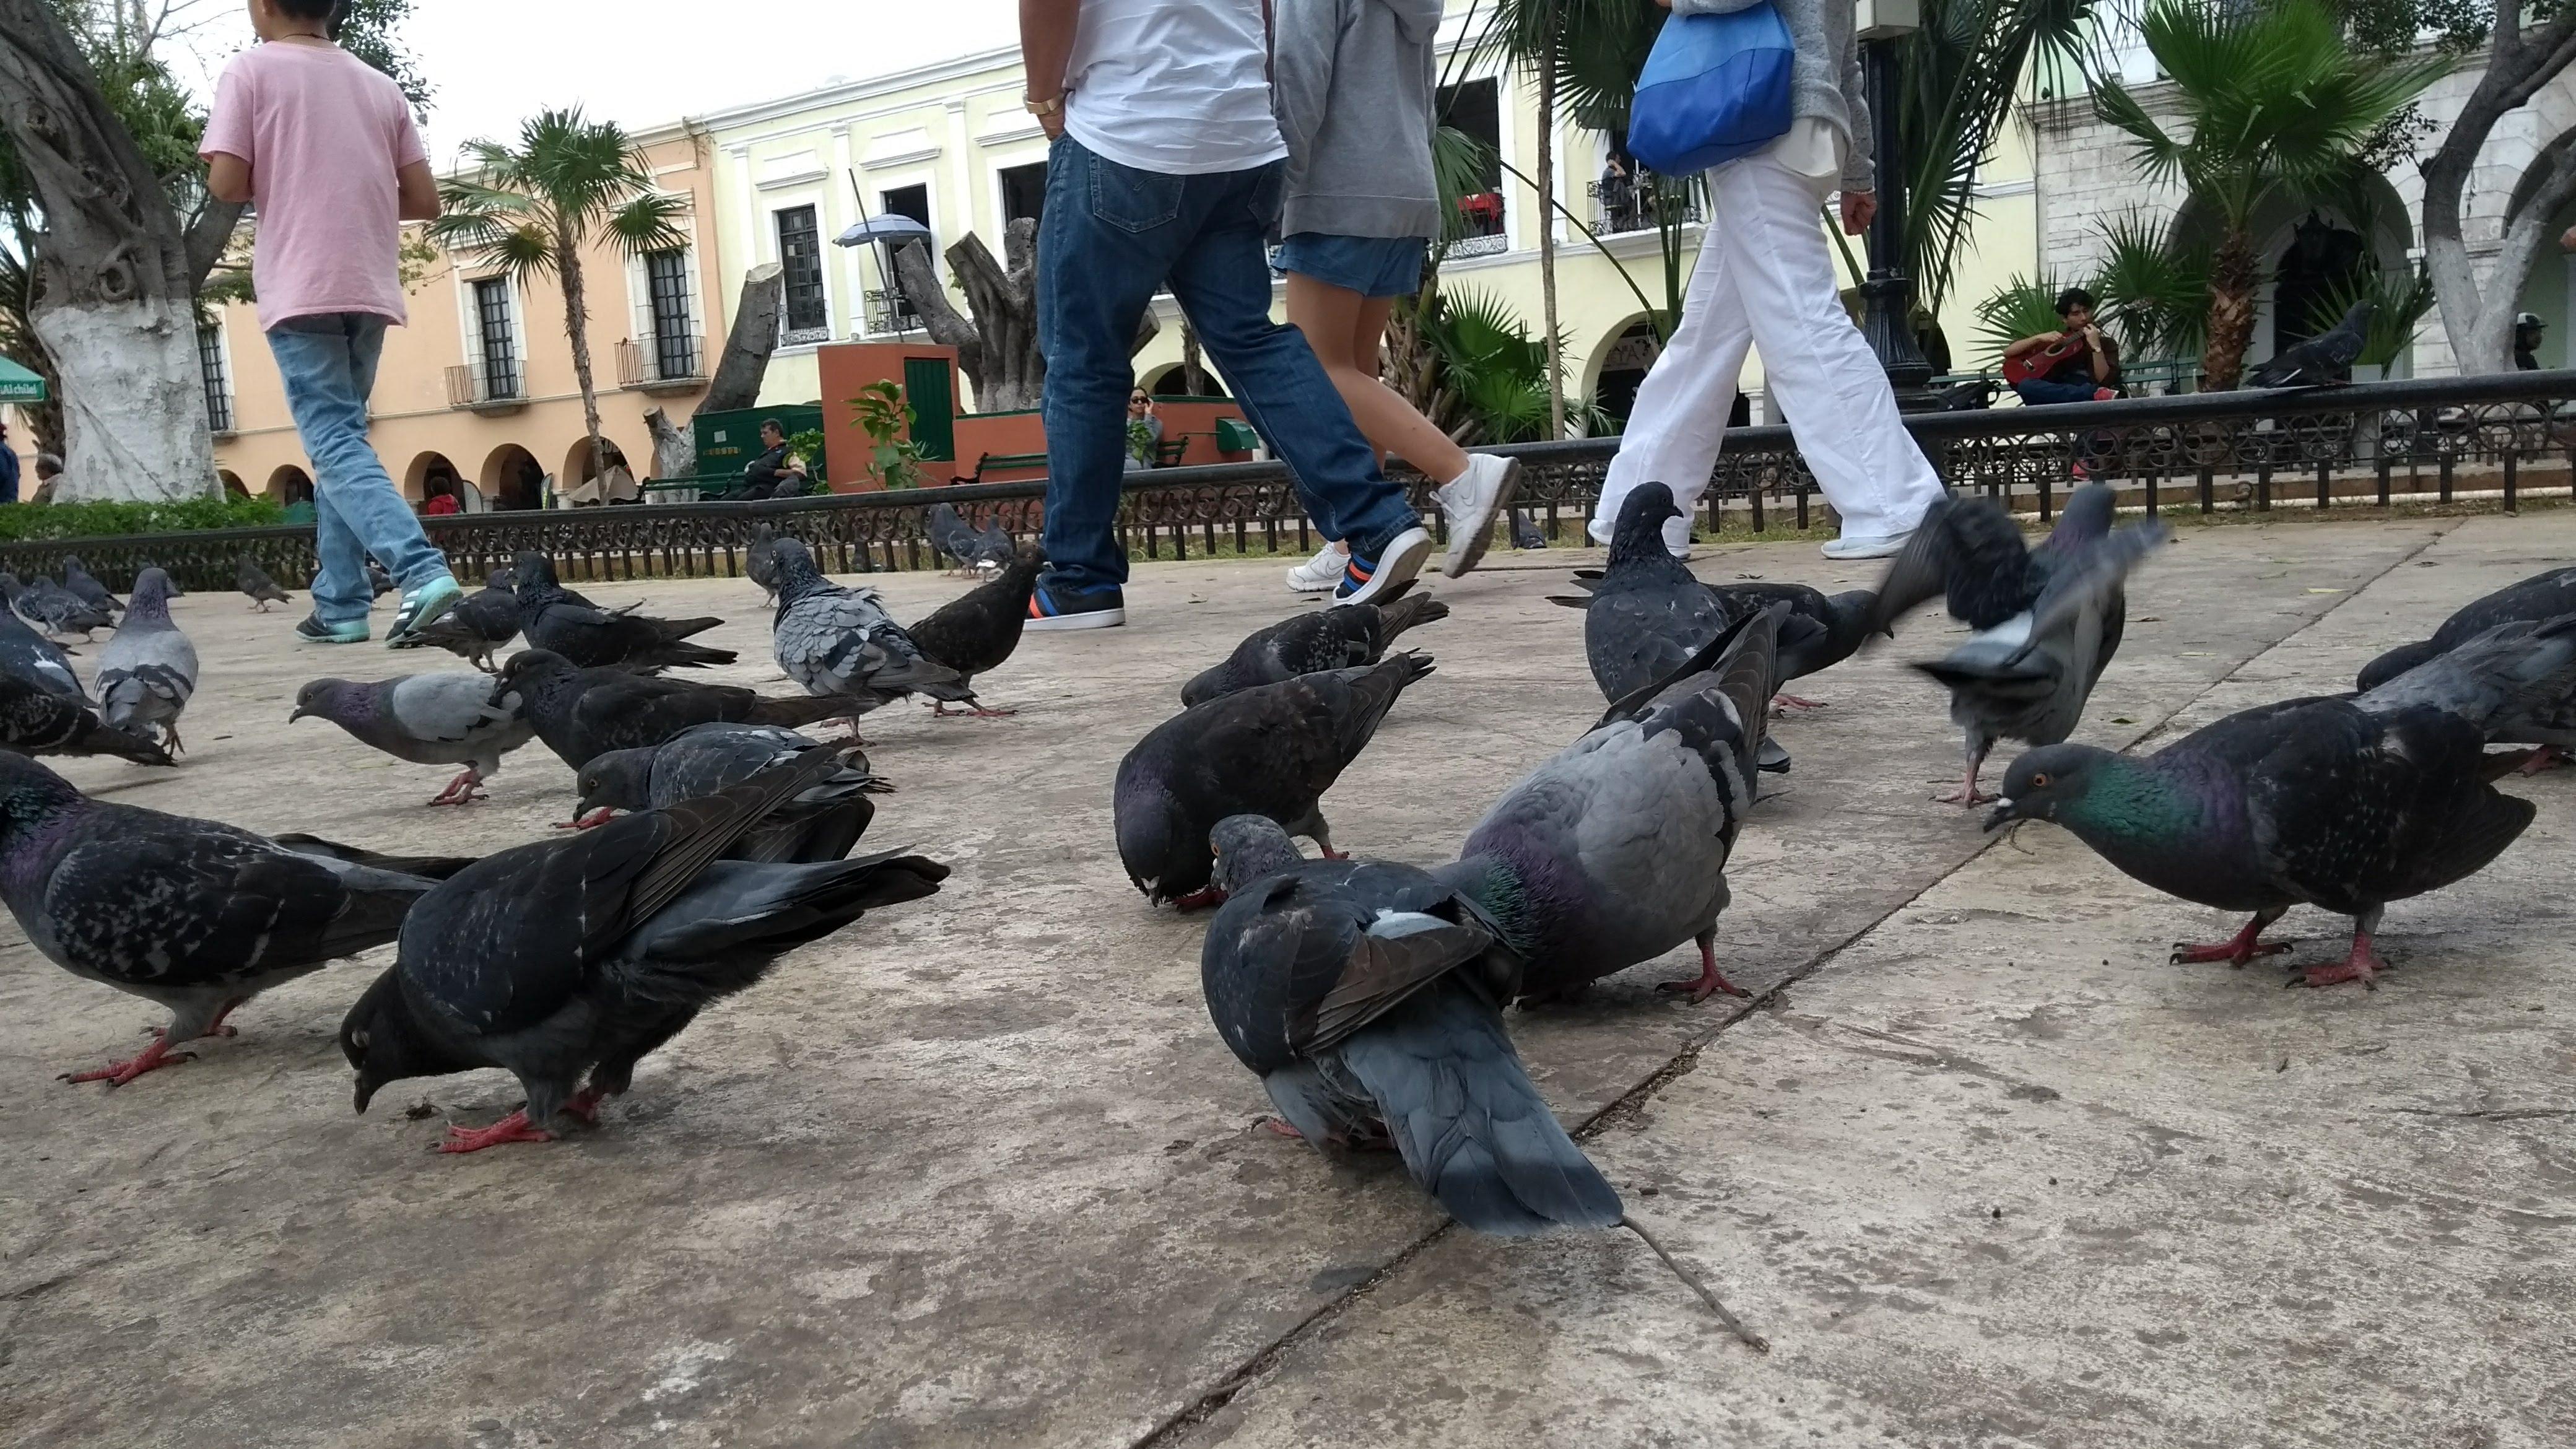 Progresivo deterioro en Mérida por ruido, heces y otros contaminantes